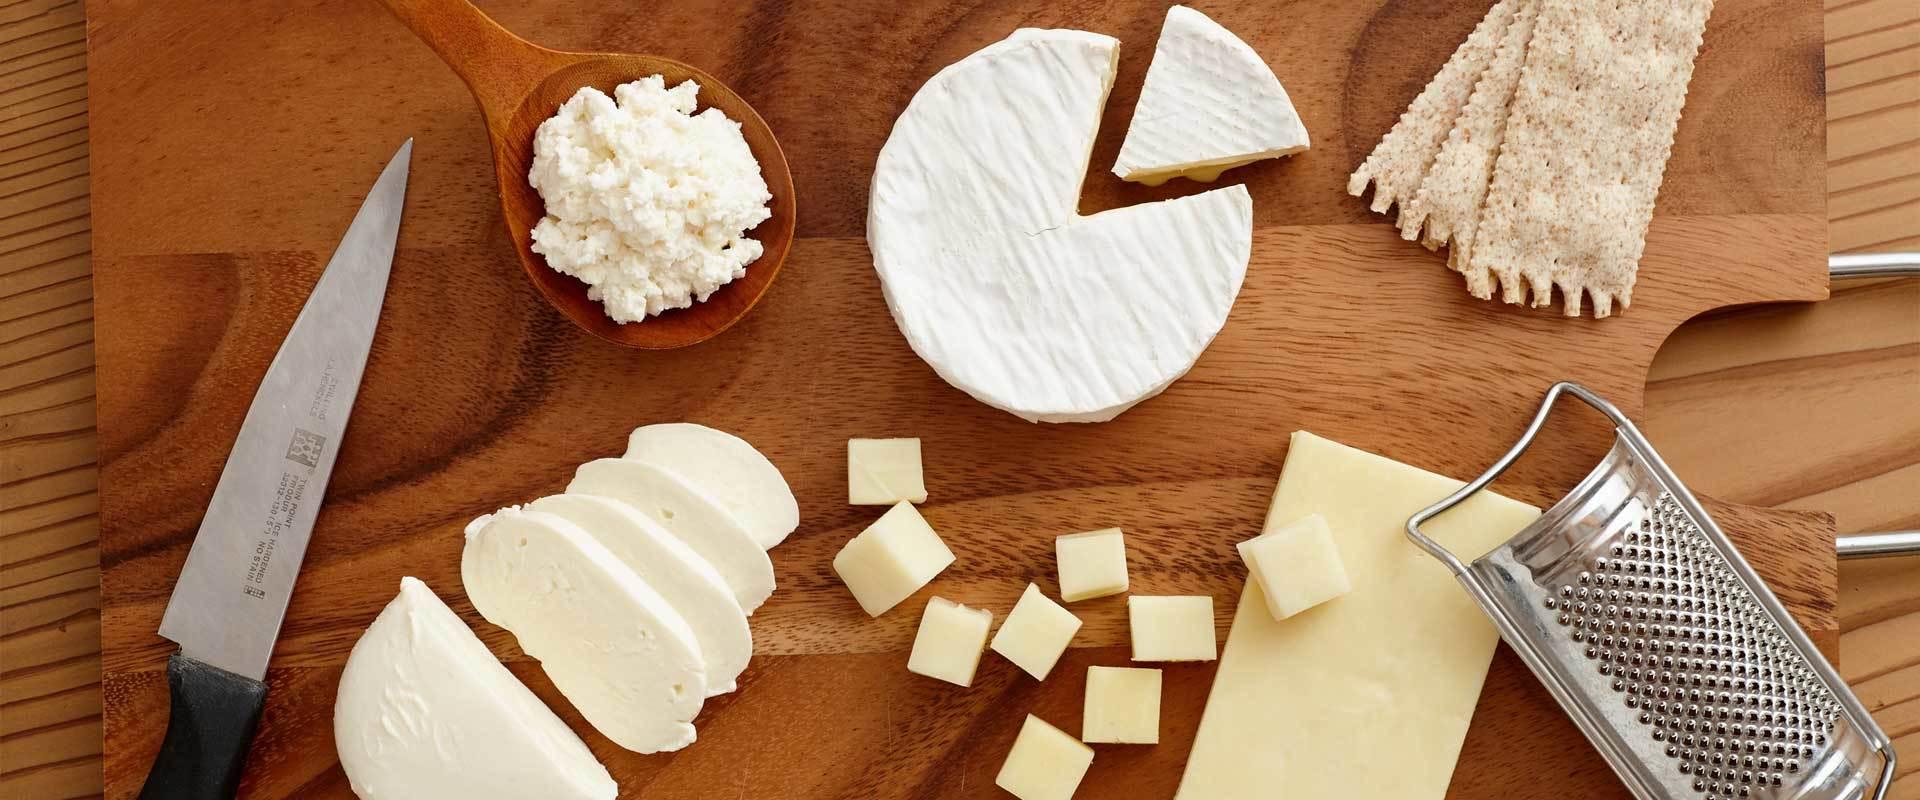 チーズ工房「醍醐」メイン画像